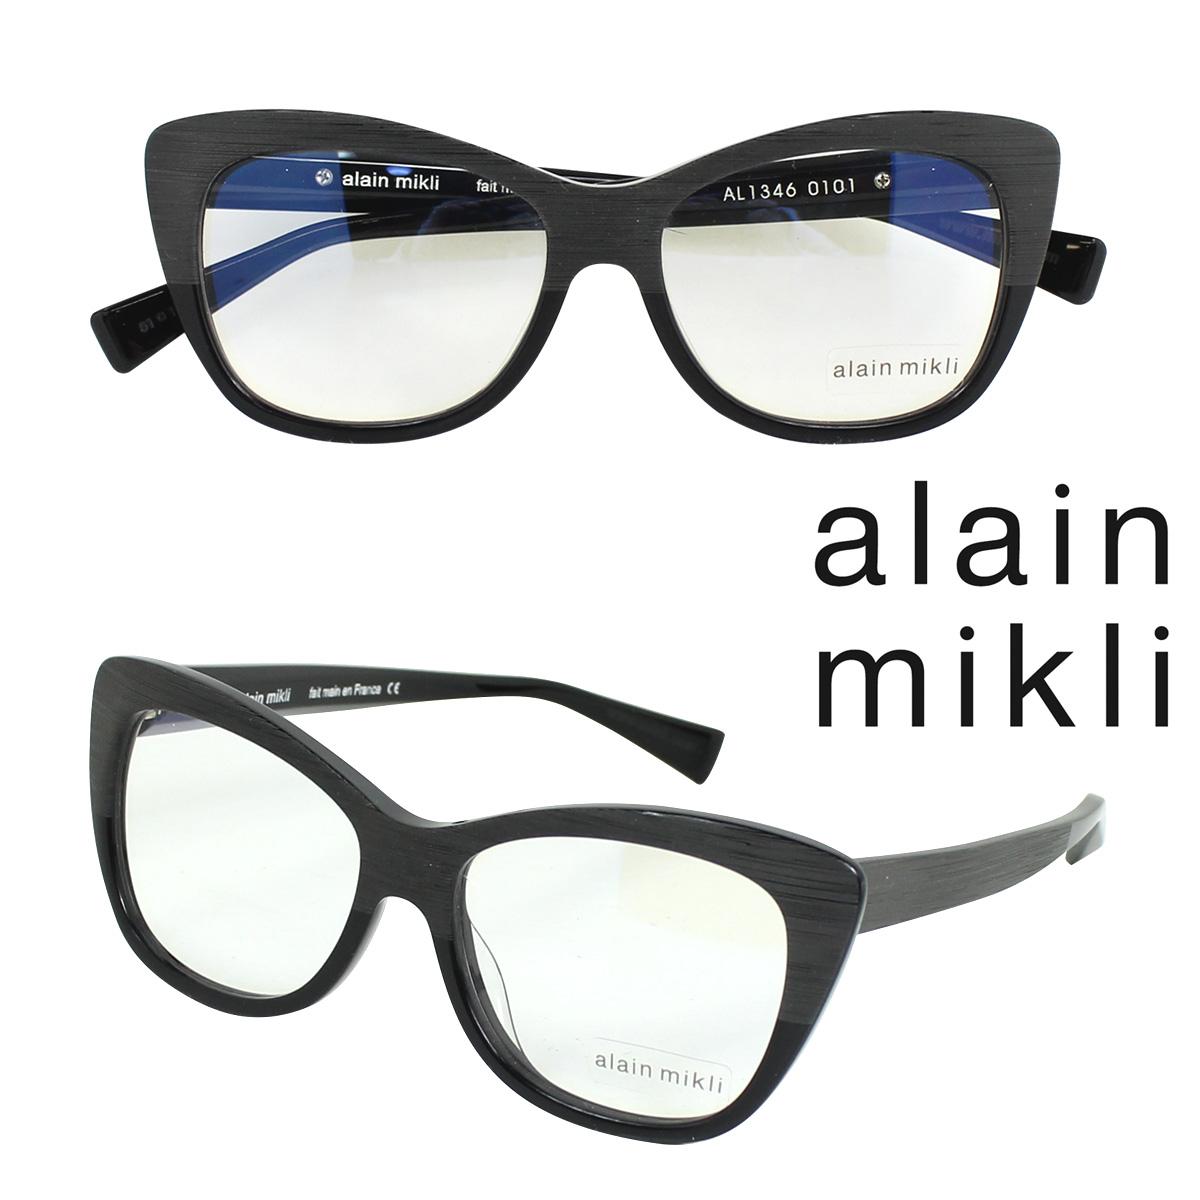 arammikuri alain mikli眼镜眼镜法国制造人分歧D